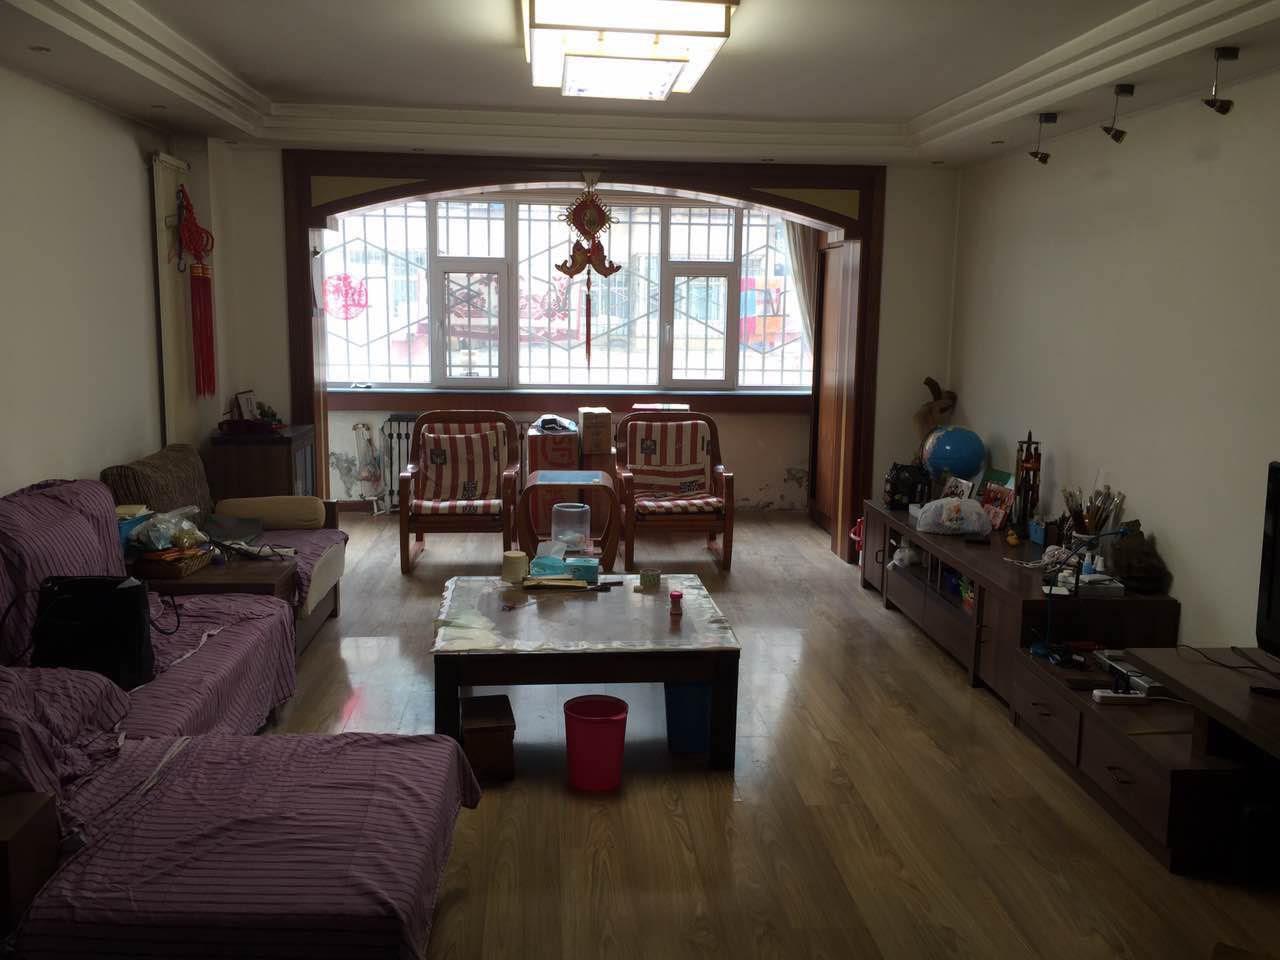 西宁市城北小桥俱乐部家属院134.22平米自住房出售